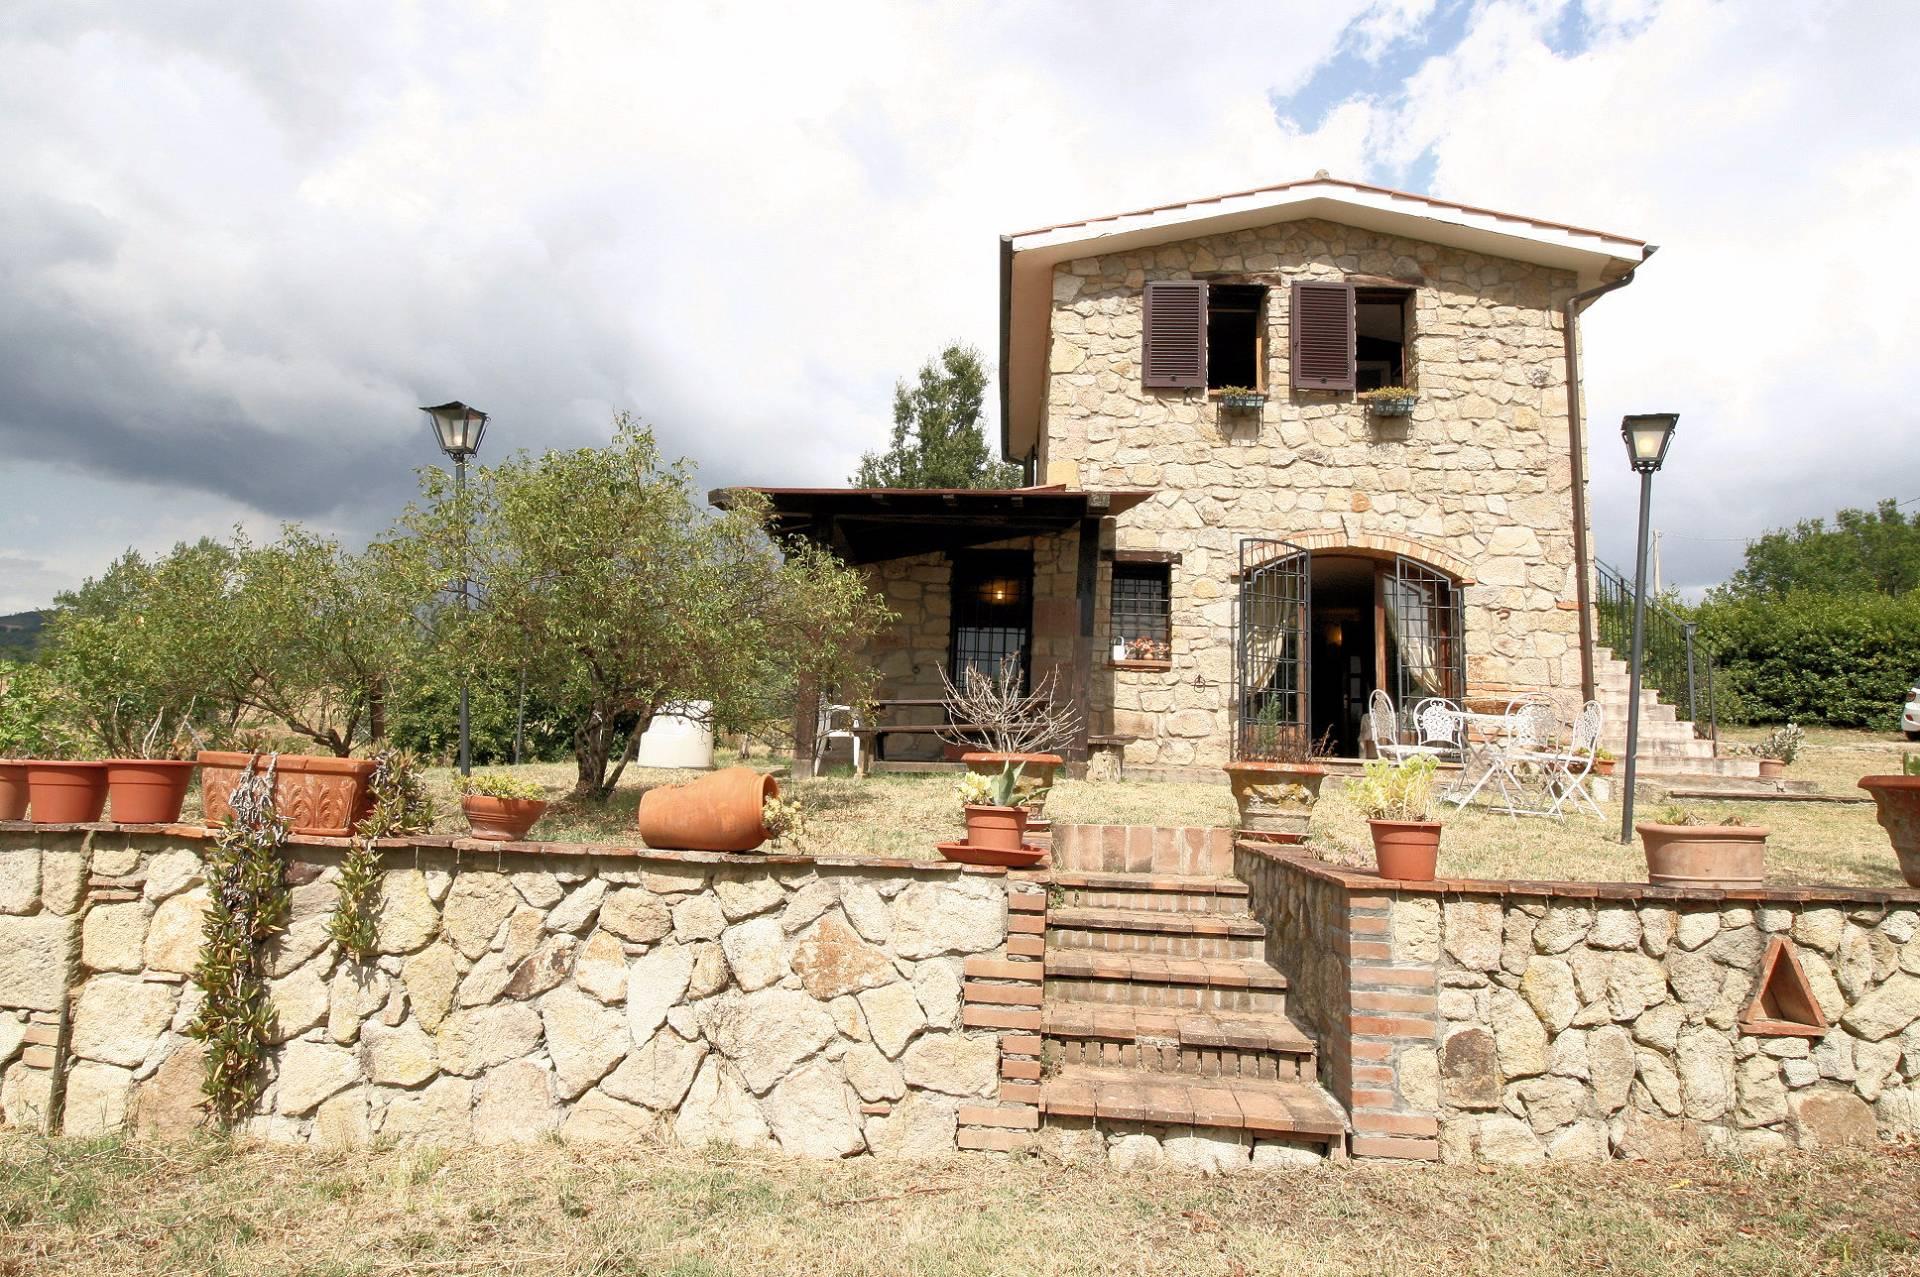 Rustico / Casale in vendita a Roccastrada, 3 locali, prezzo € 245.000 | Cambio Casa.it